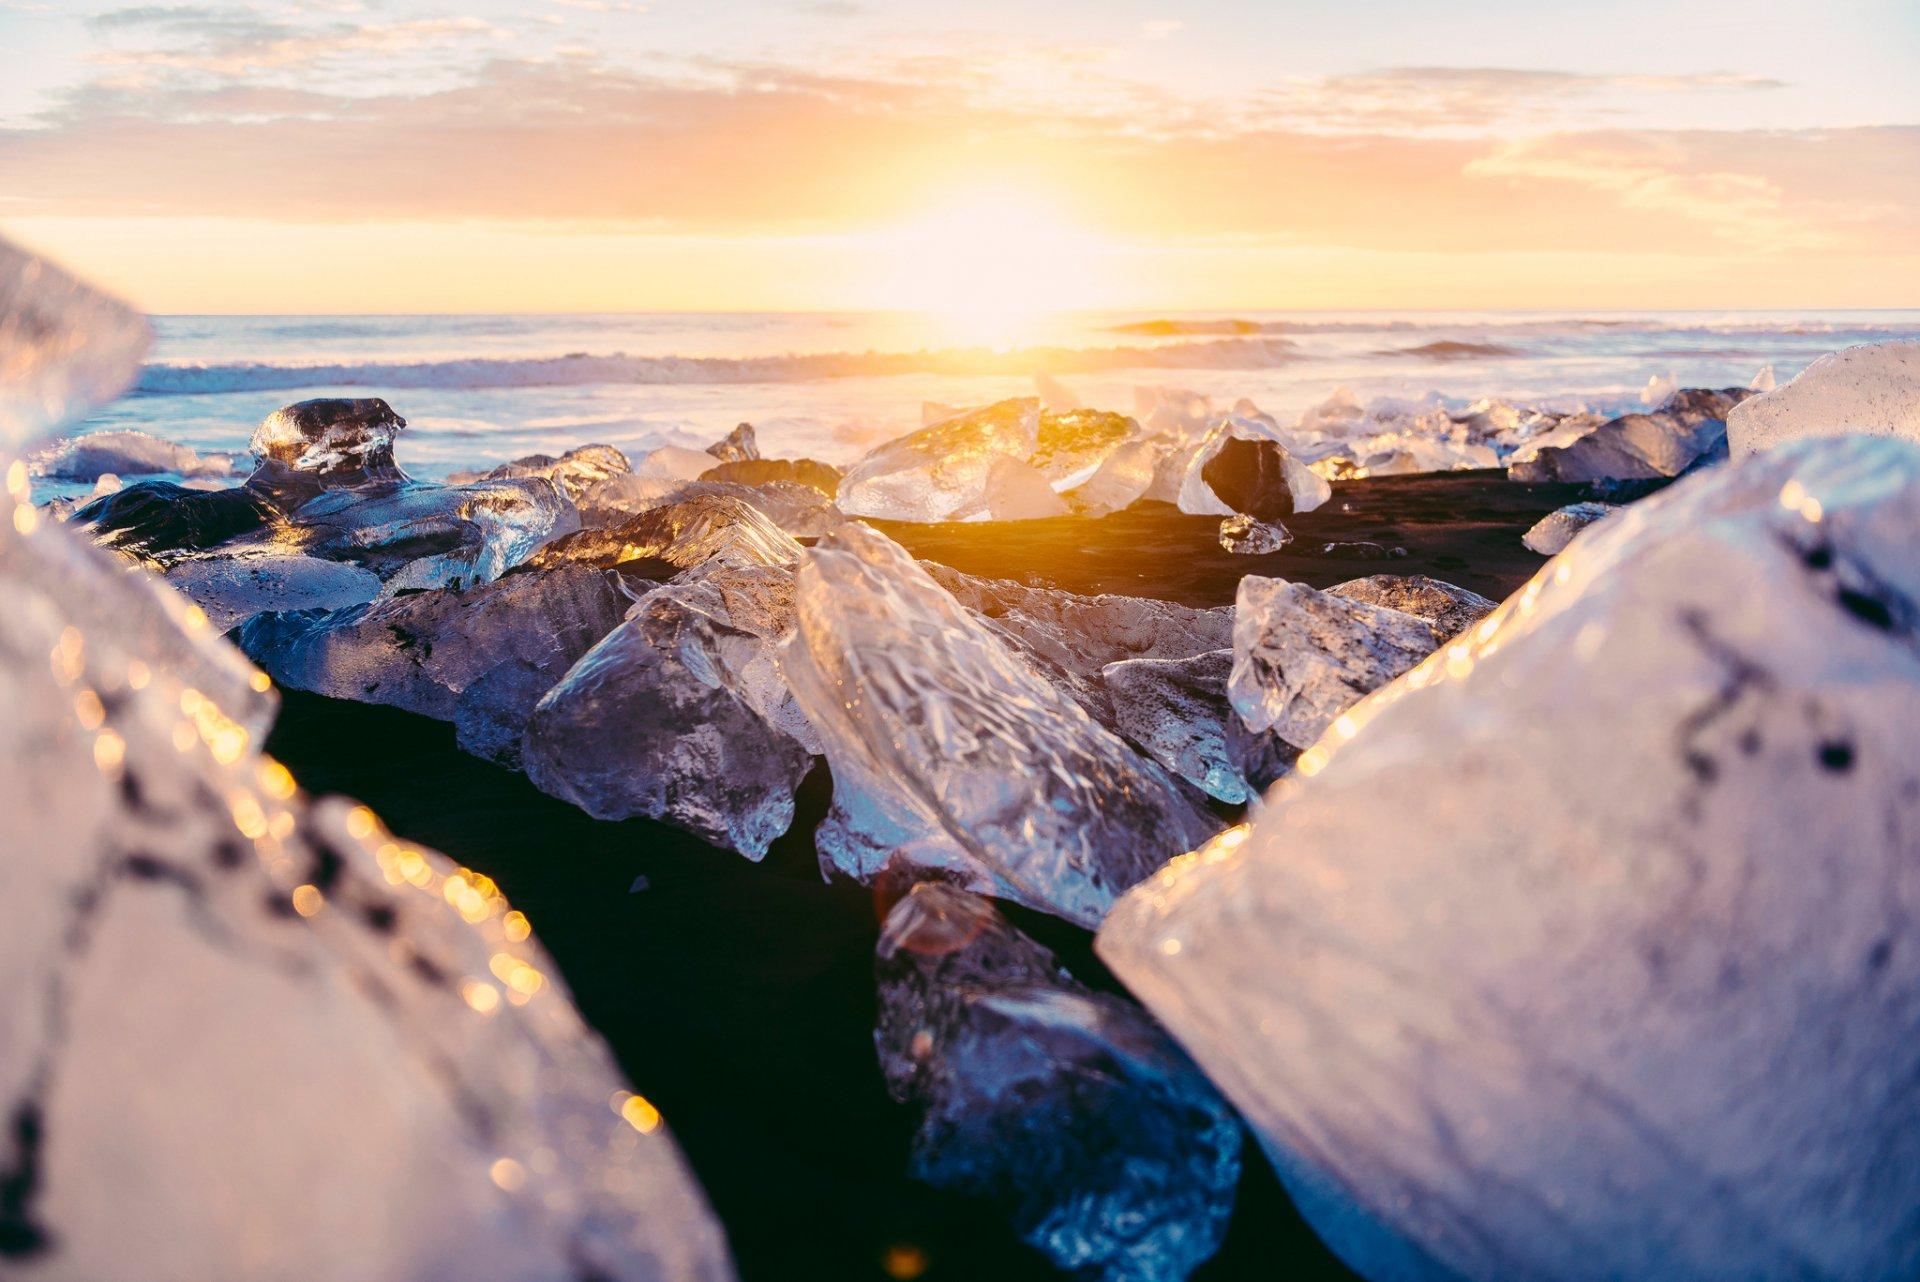 Обои ледниковая лагуна йёкюльсаурлоун, Исландия. Природа foto 16